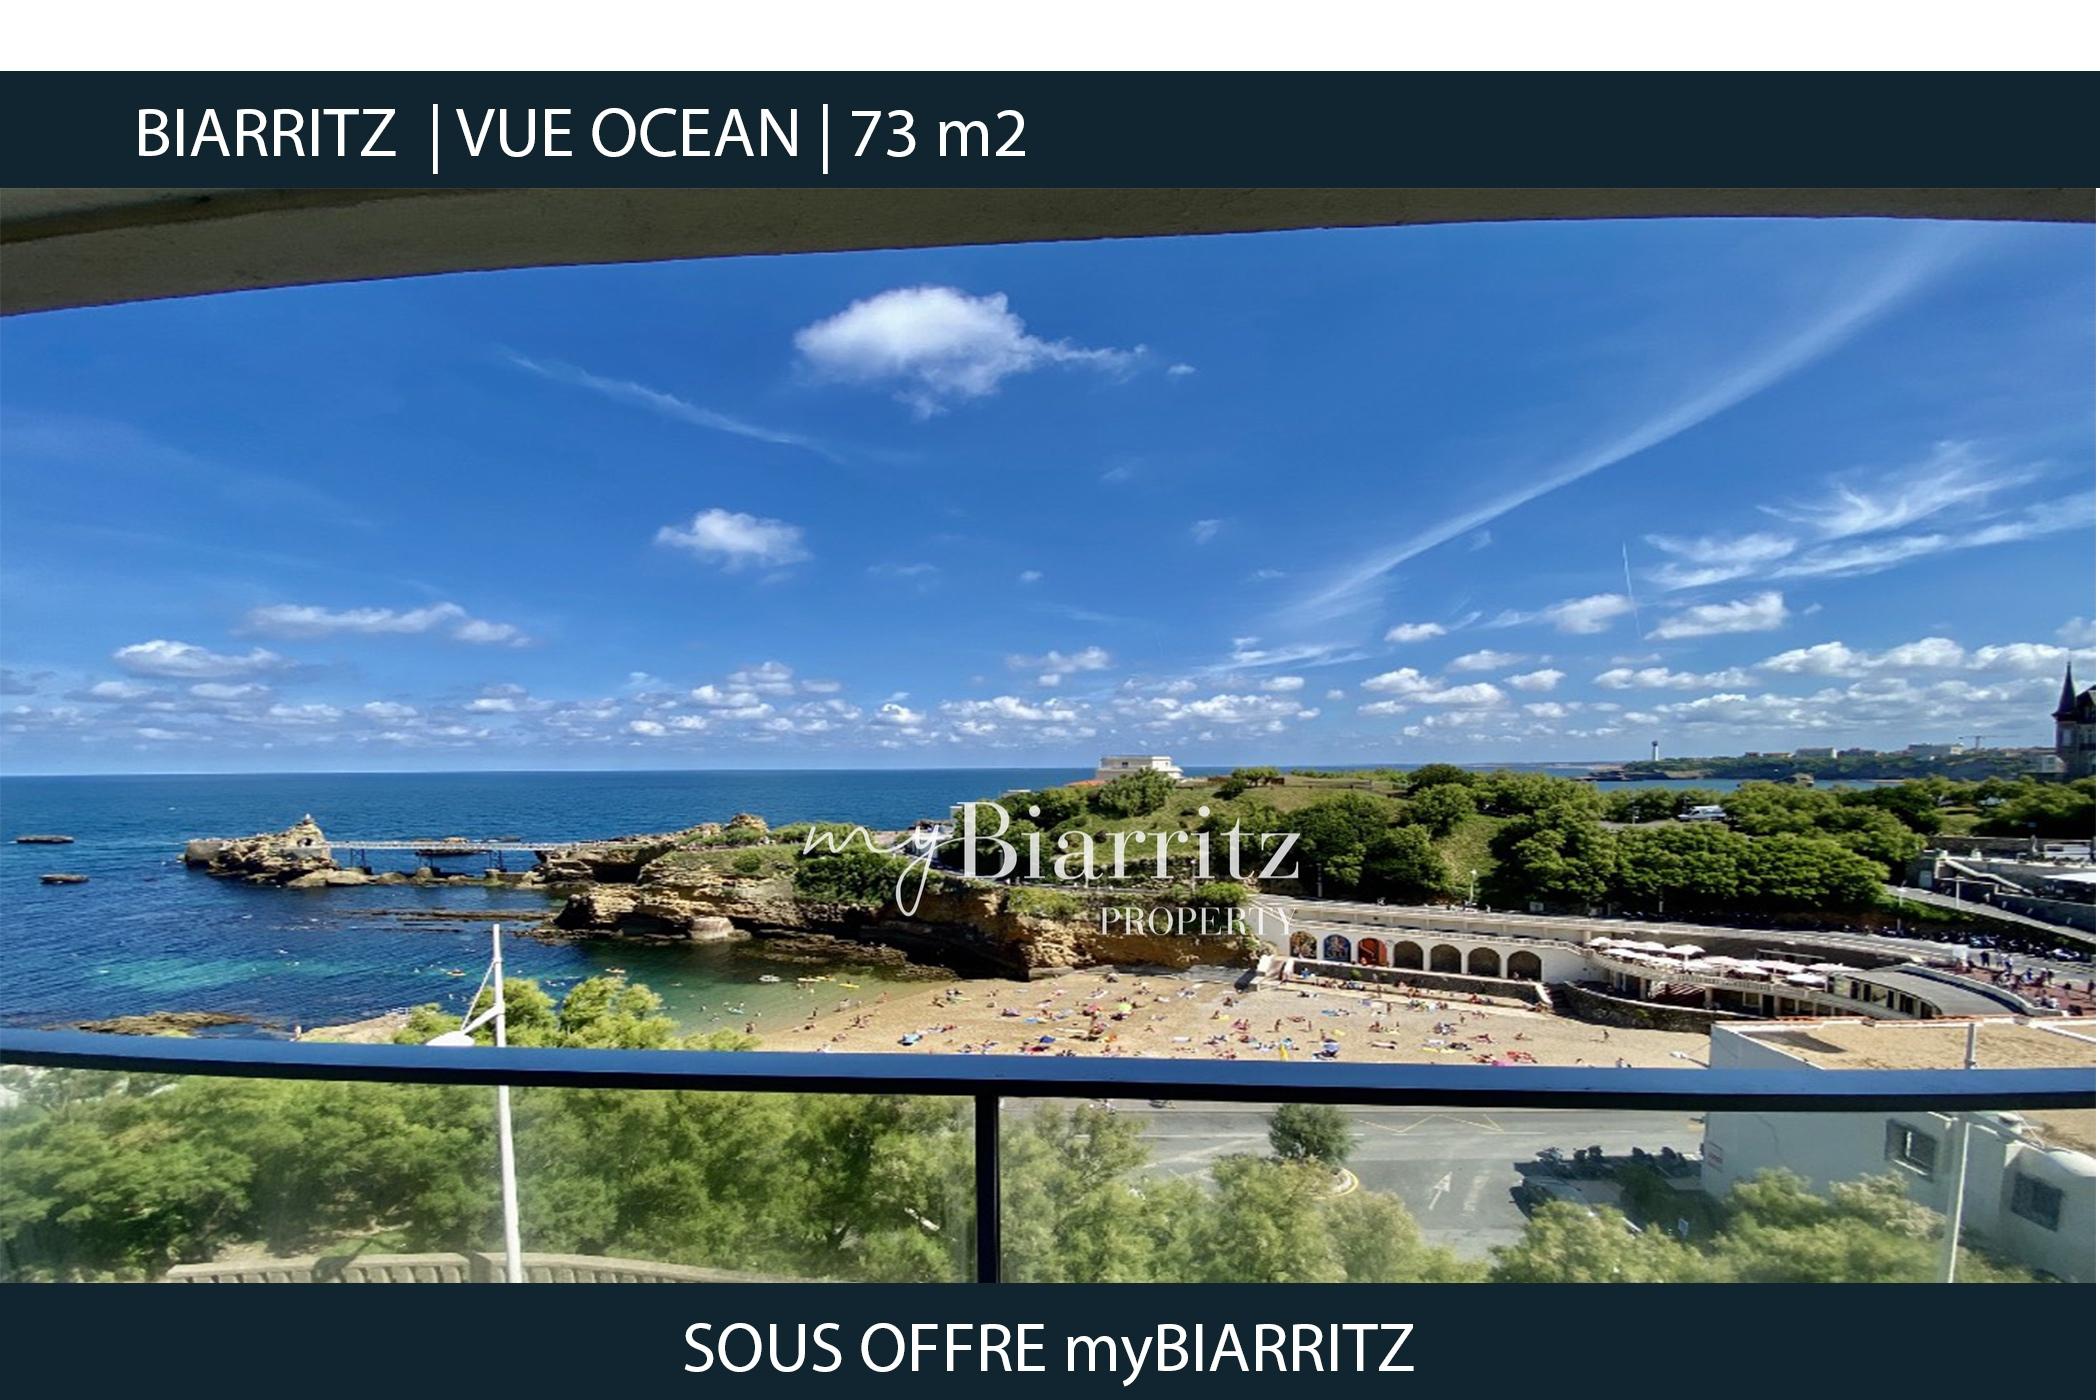 BIARRITZ-VUE-OCEAN